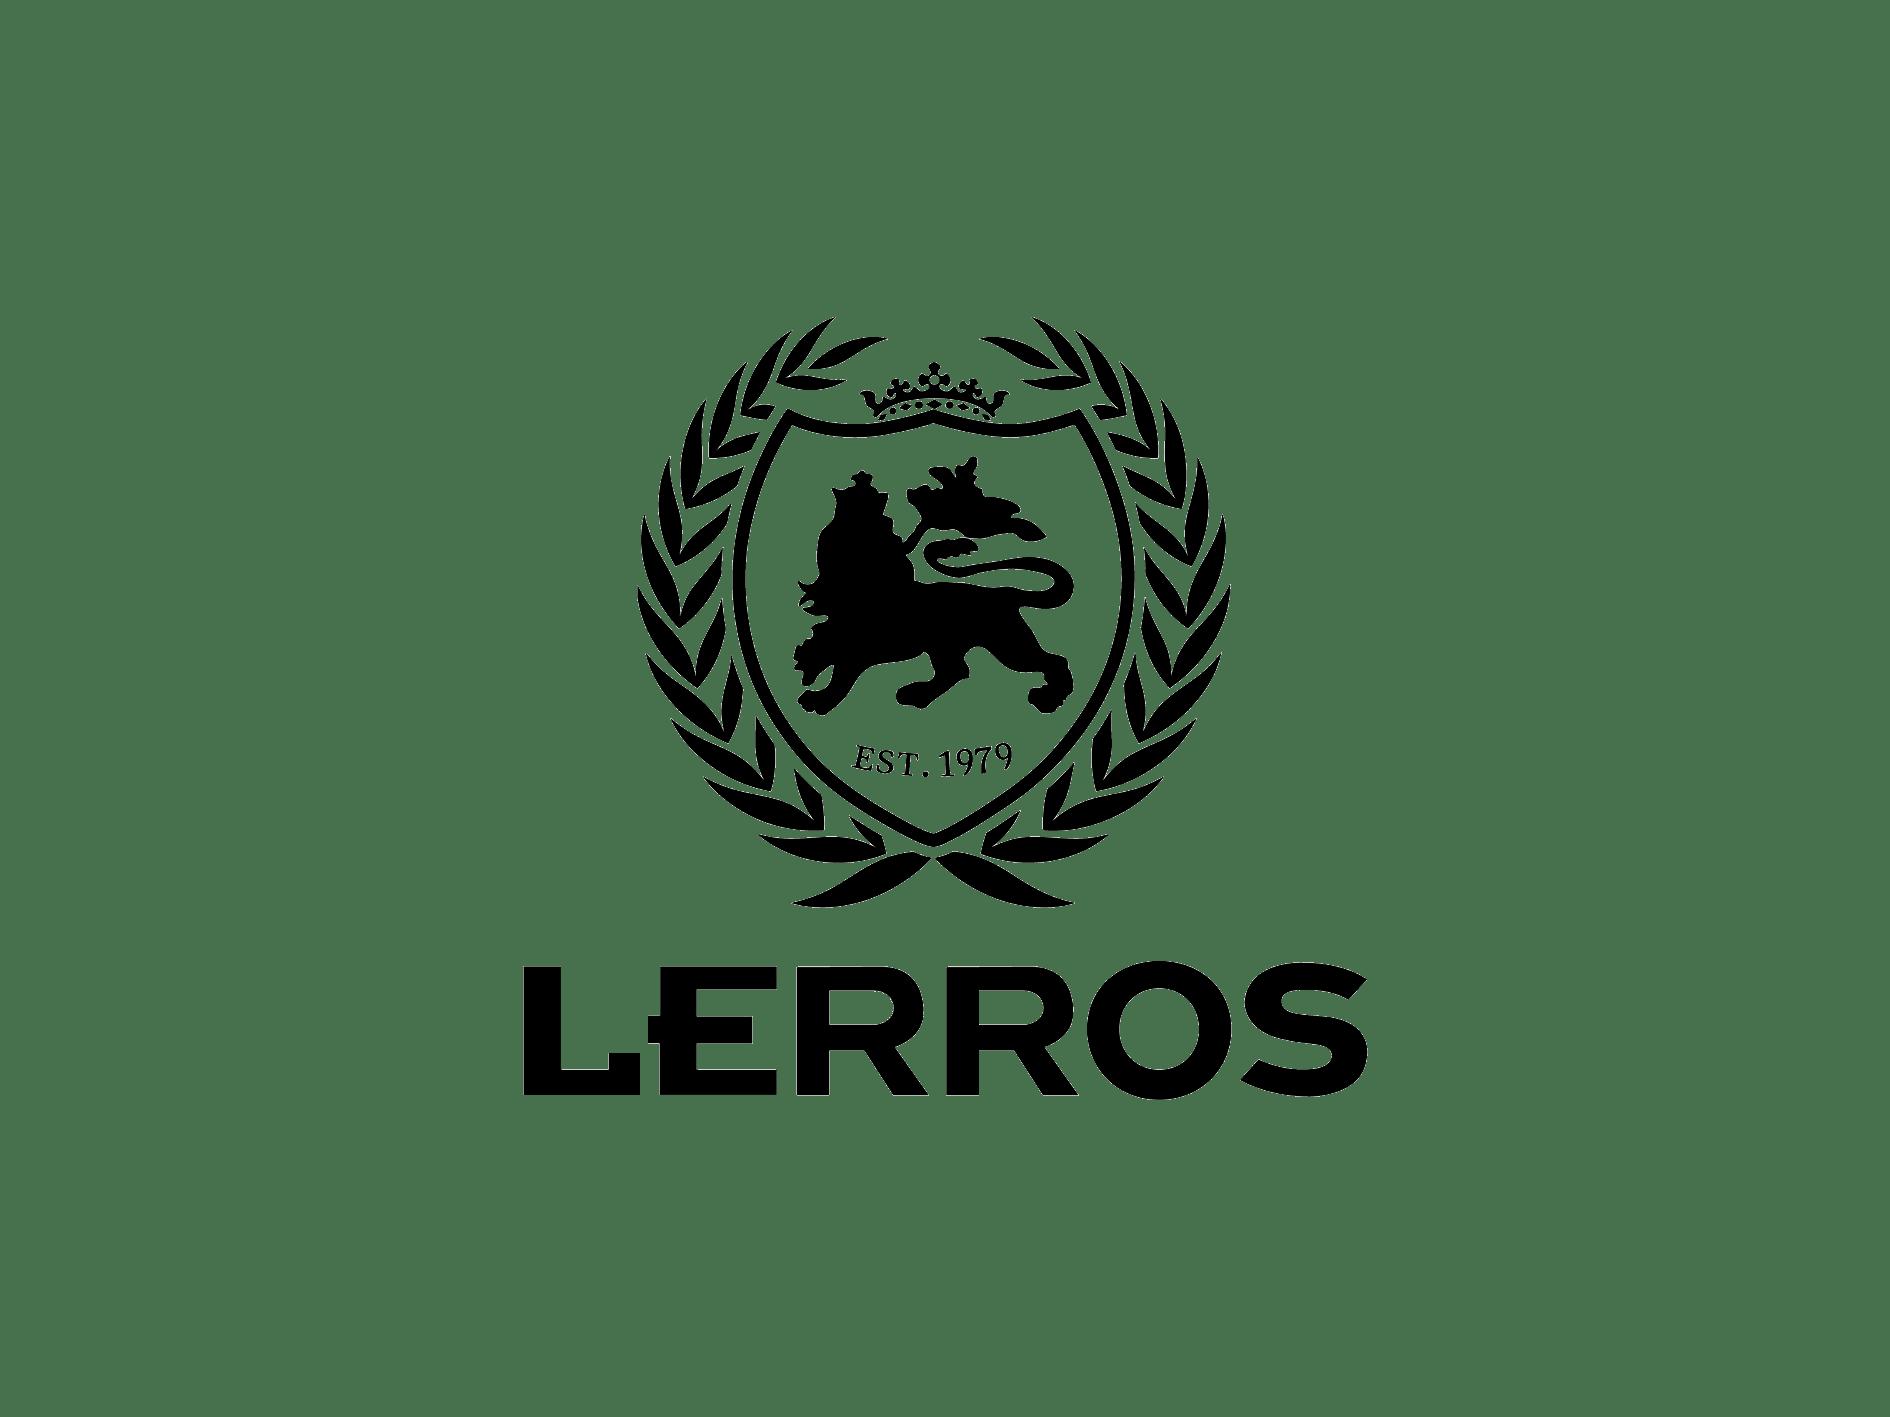 LERROS - kiev.karavan.com.ua